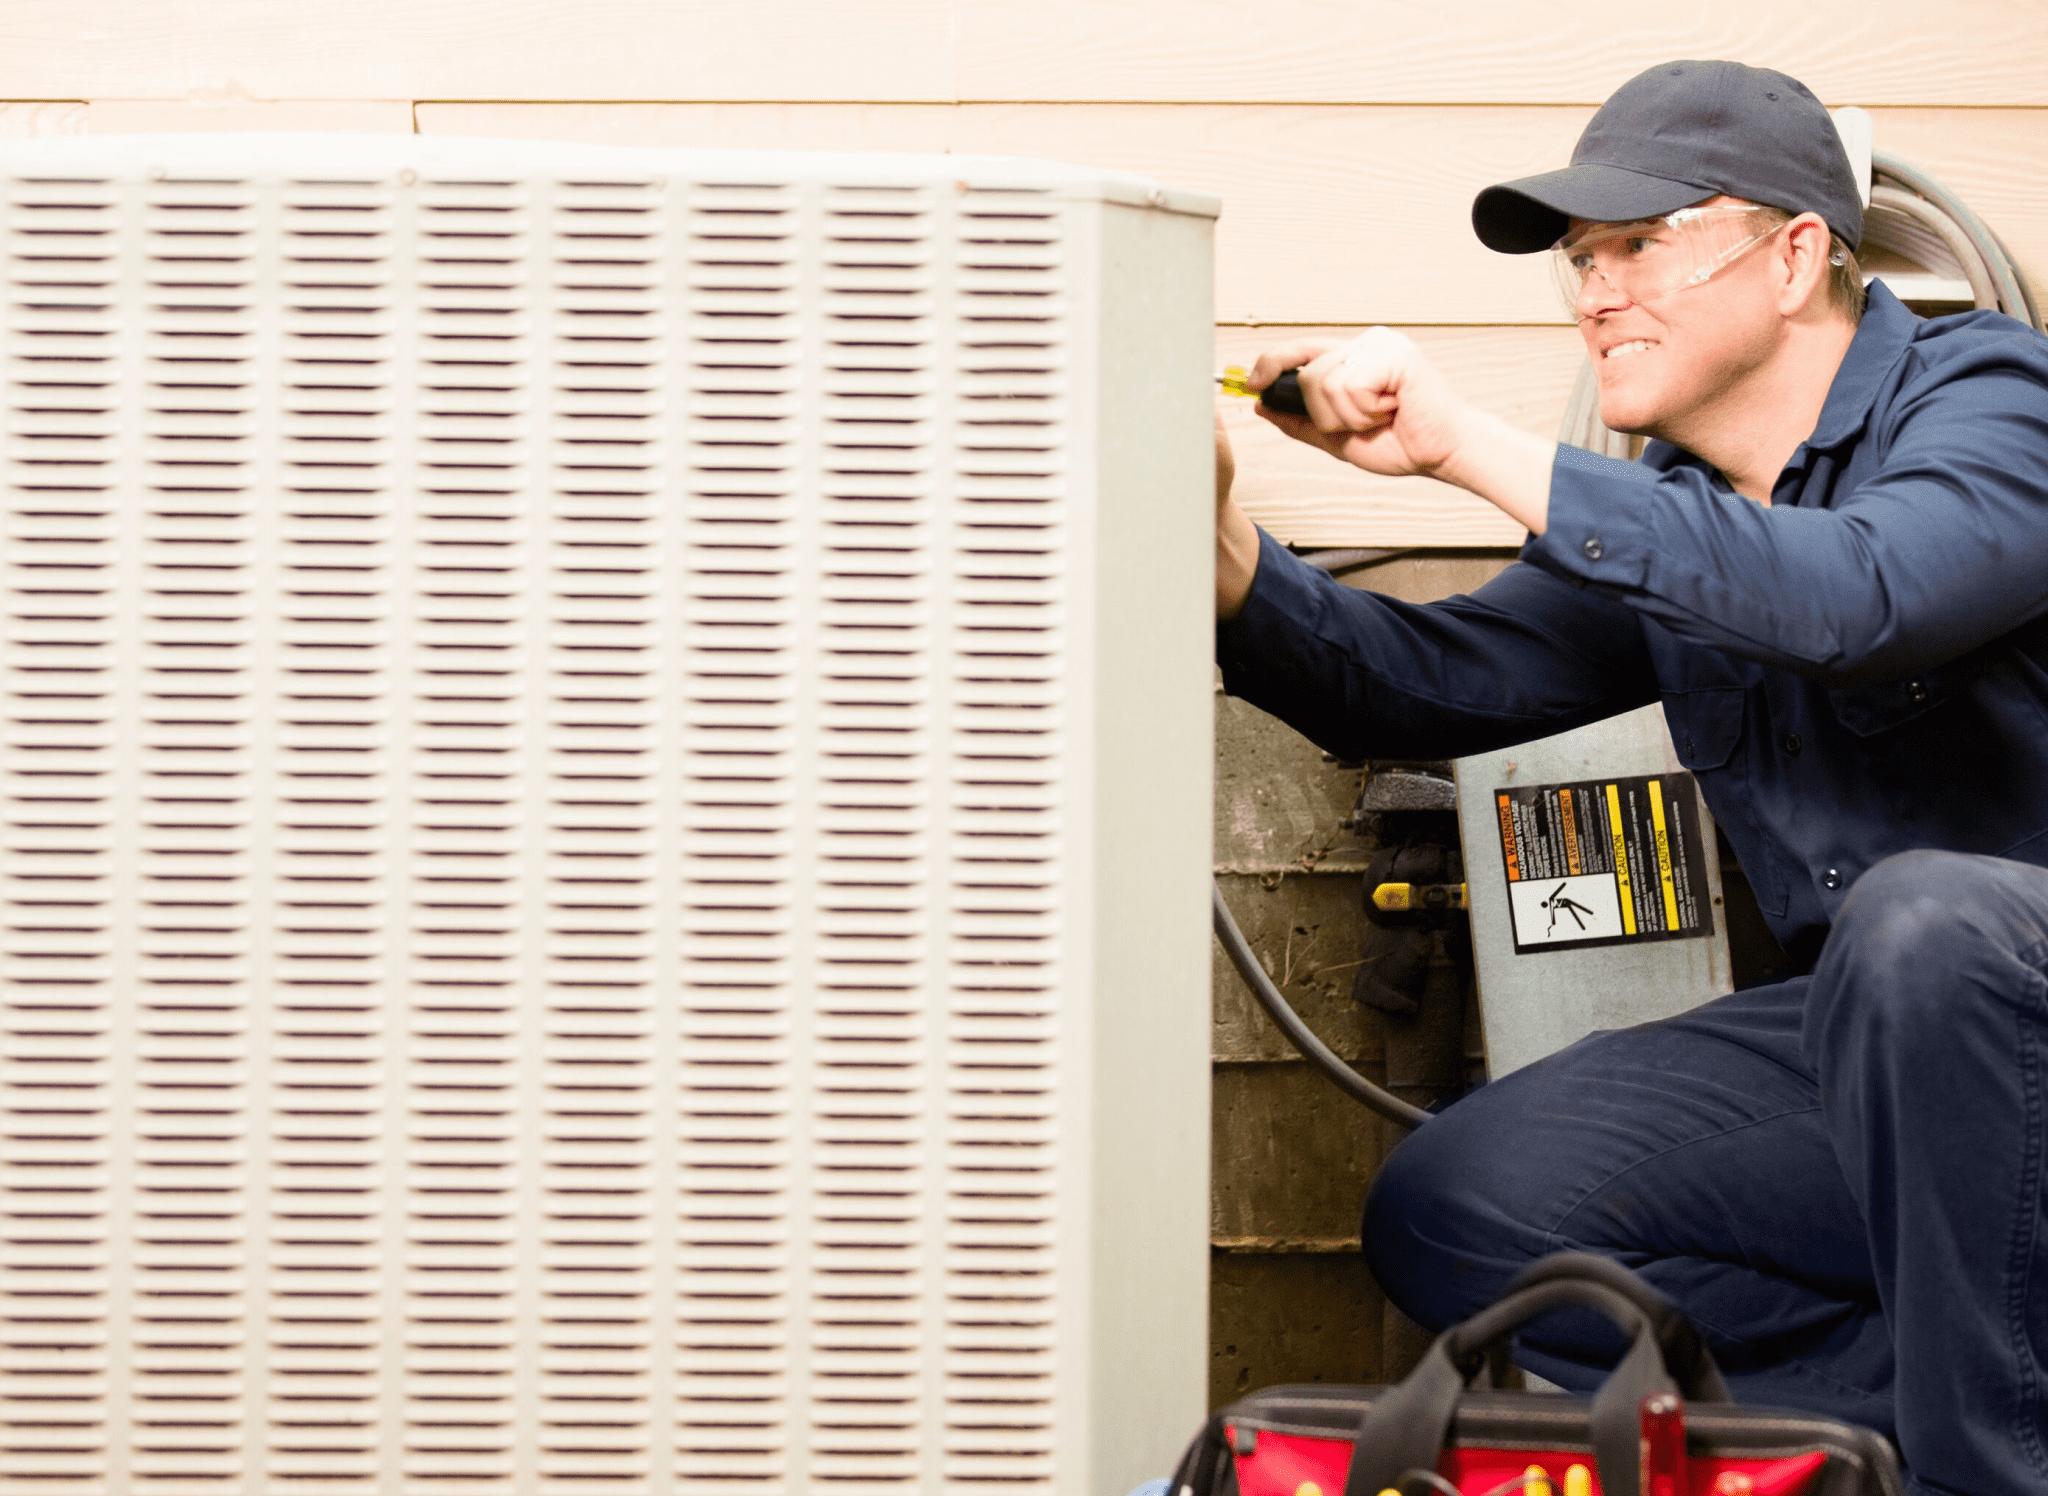 repairing broken HVAC